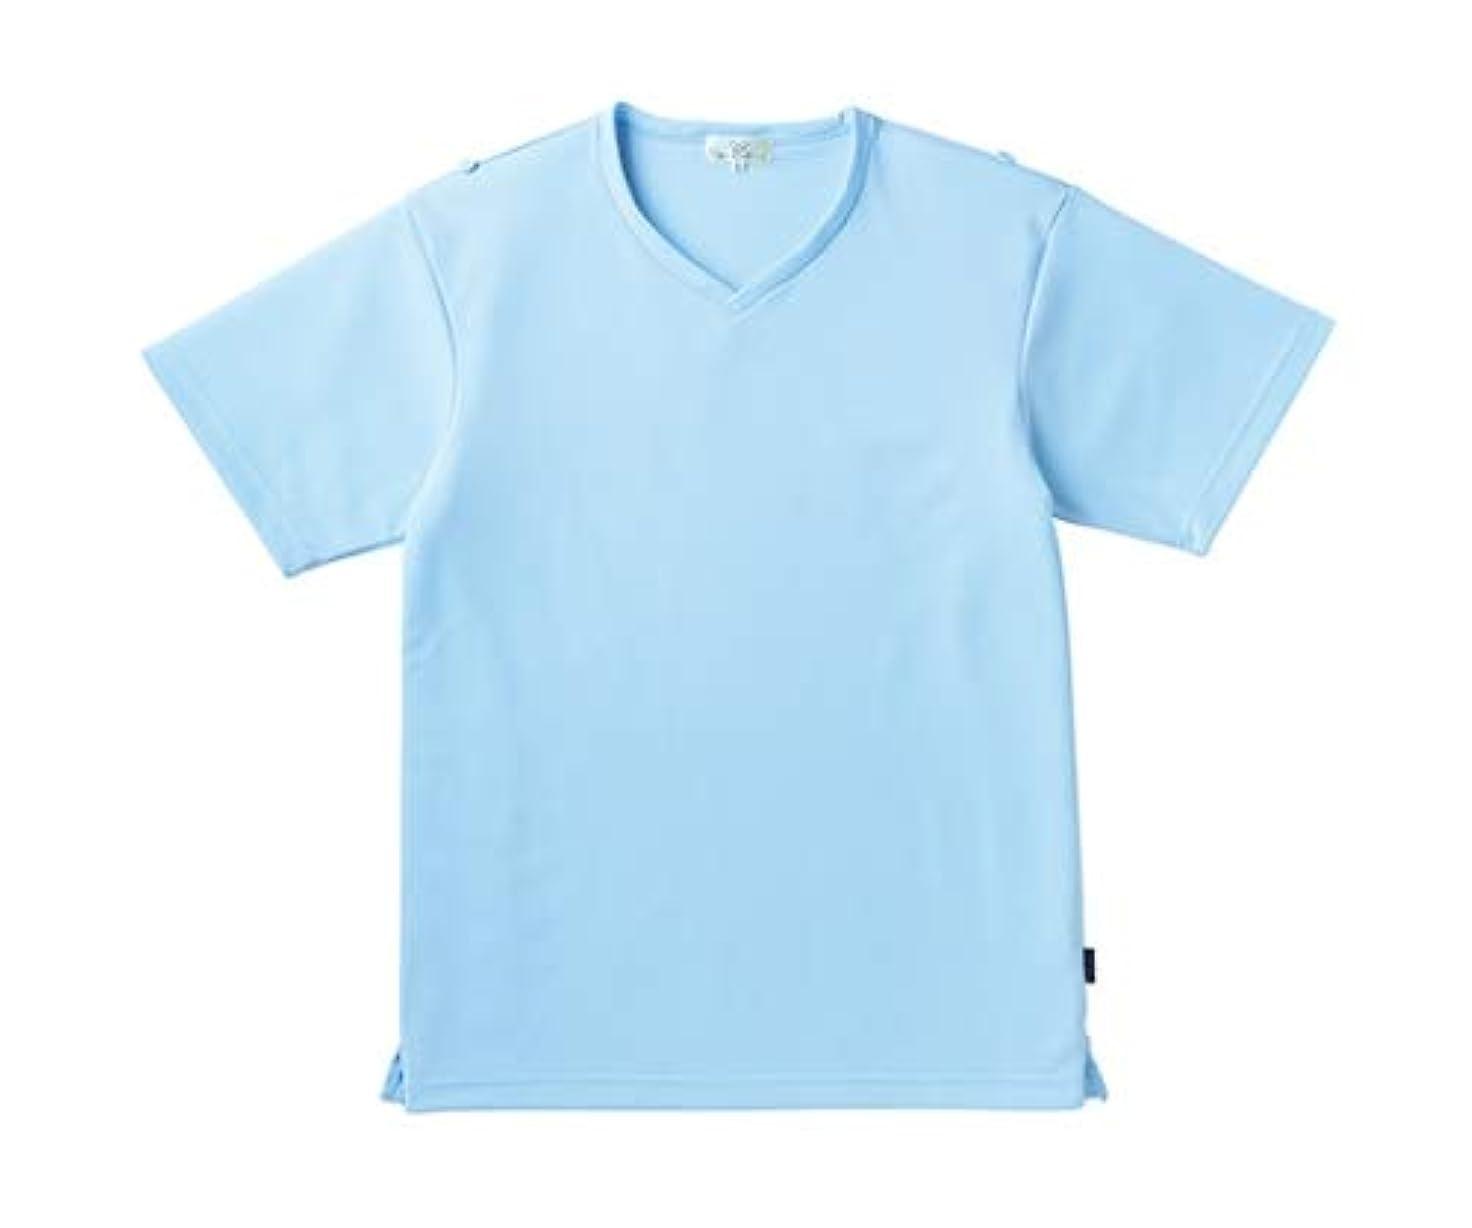 みがきますセイはさておき実験室トンボ/KIRAKU 入浴介助用シャツ CR160 LL サックス